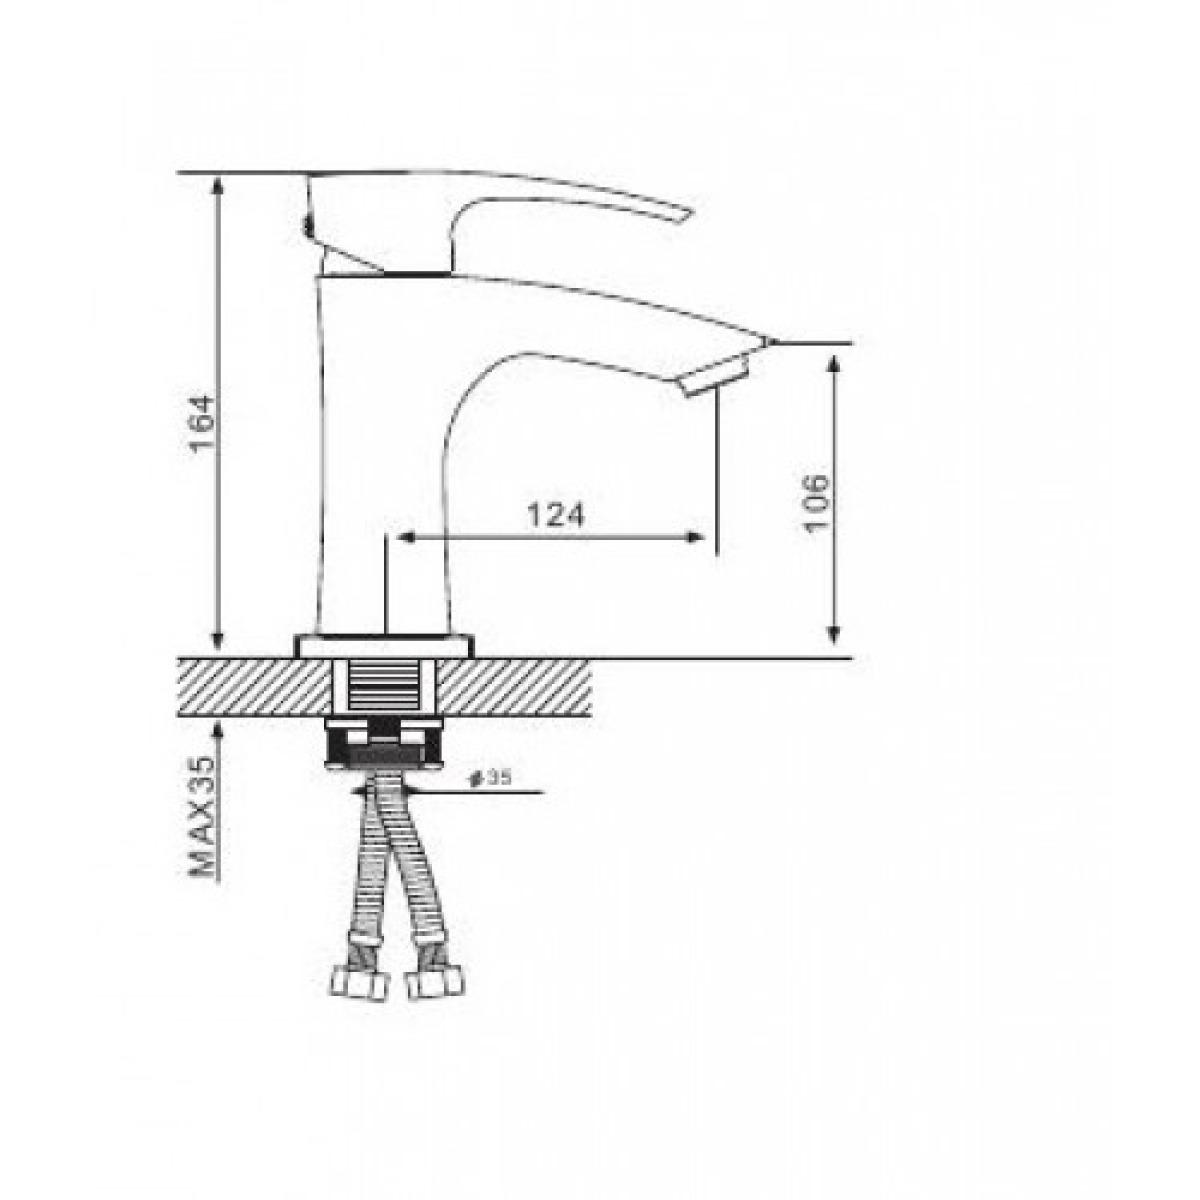 Смеситель для раковины с гайкой белый/хром gappo g1007-7